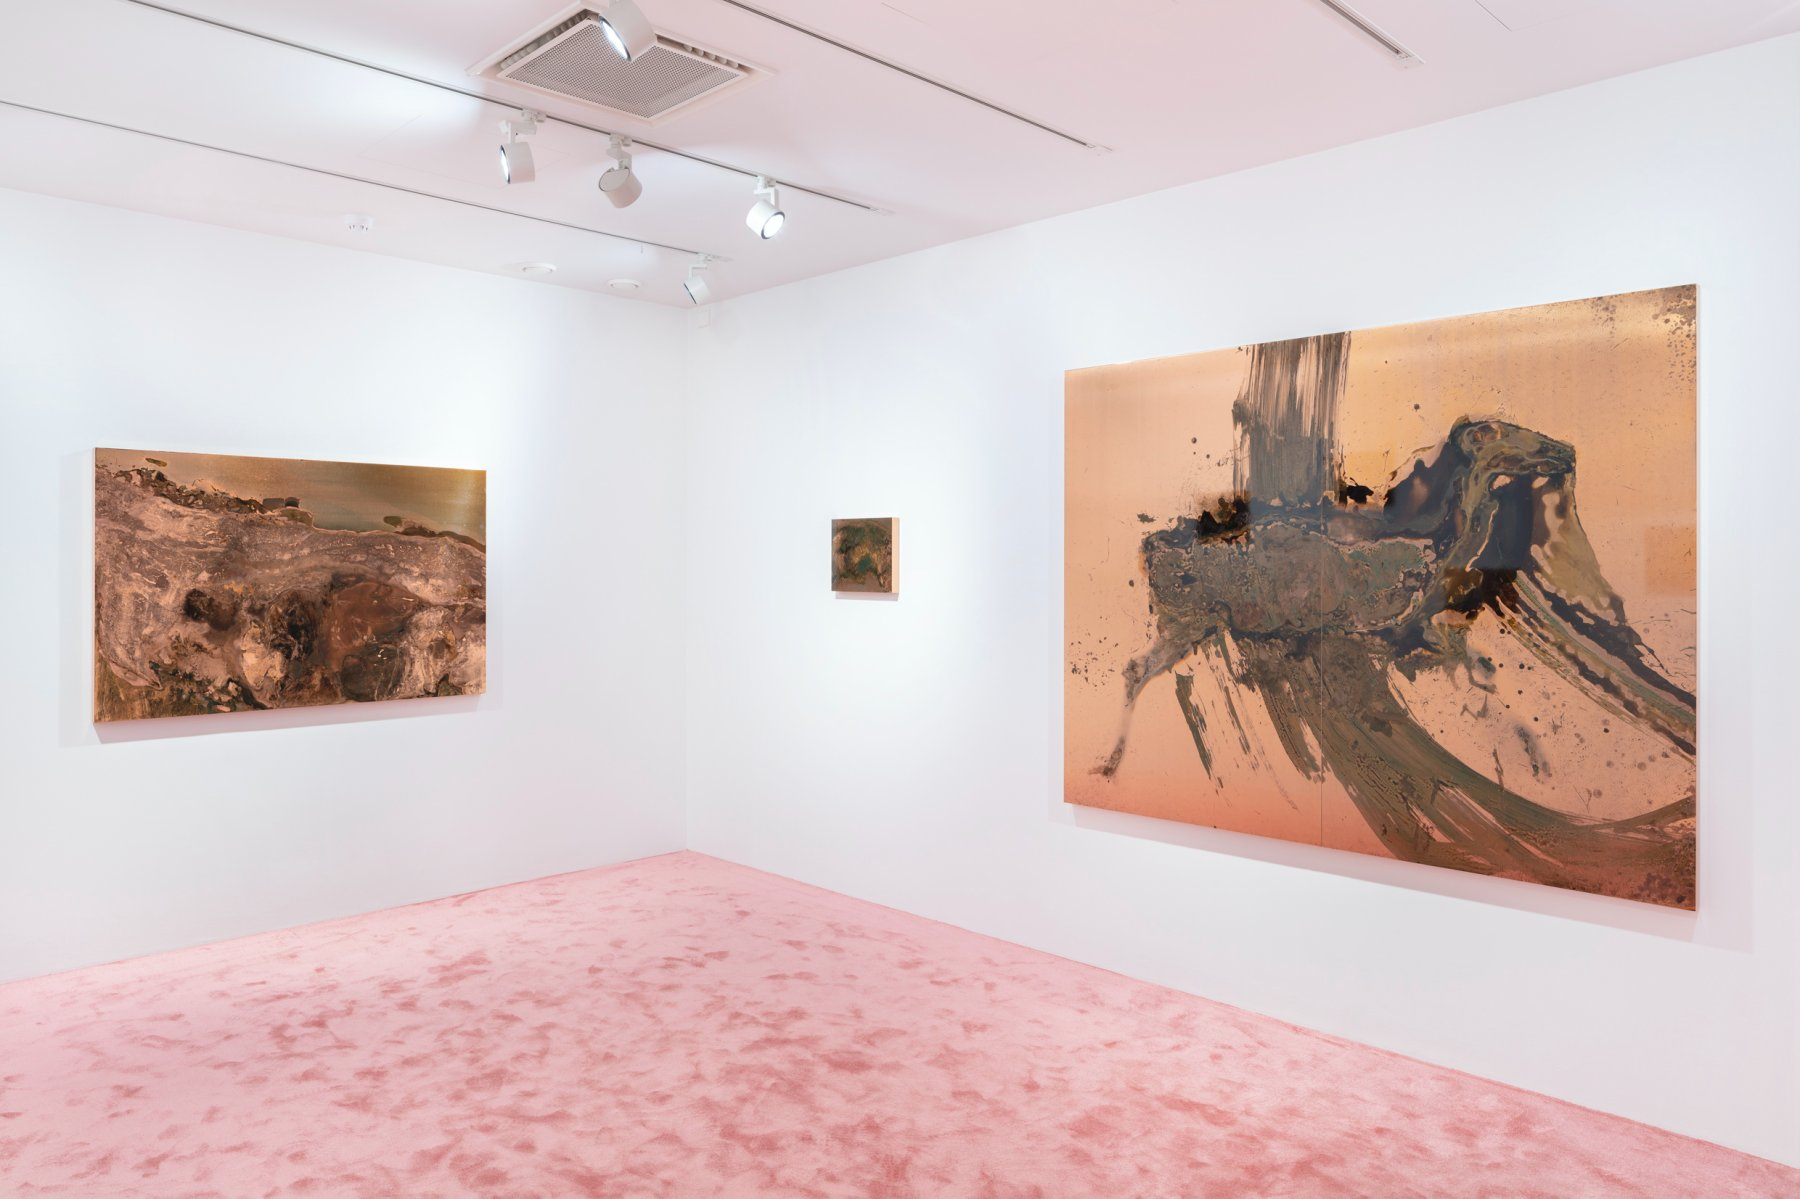 Galerie Forsblom Toni Toivonen 1